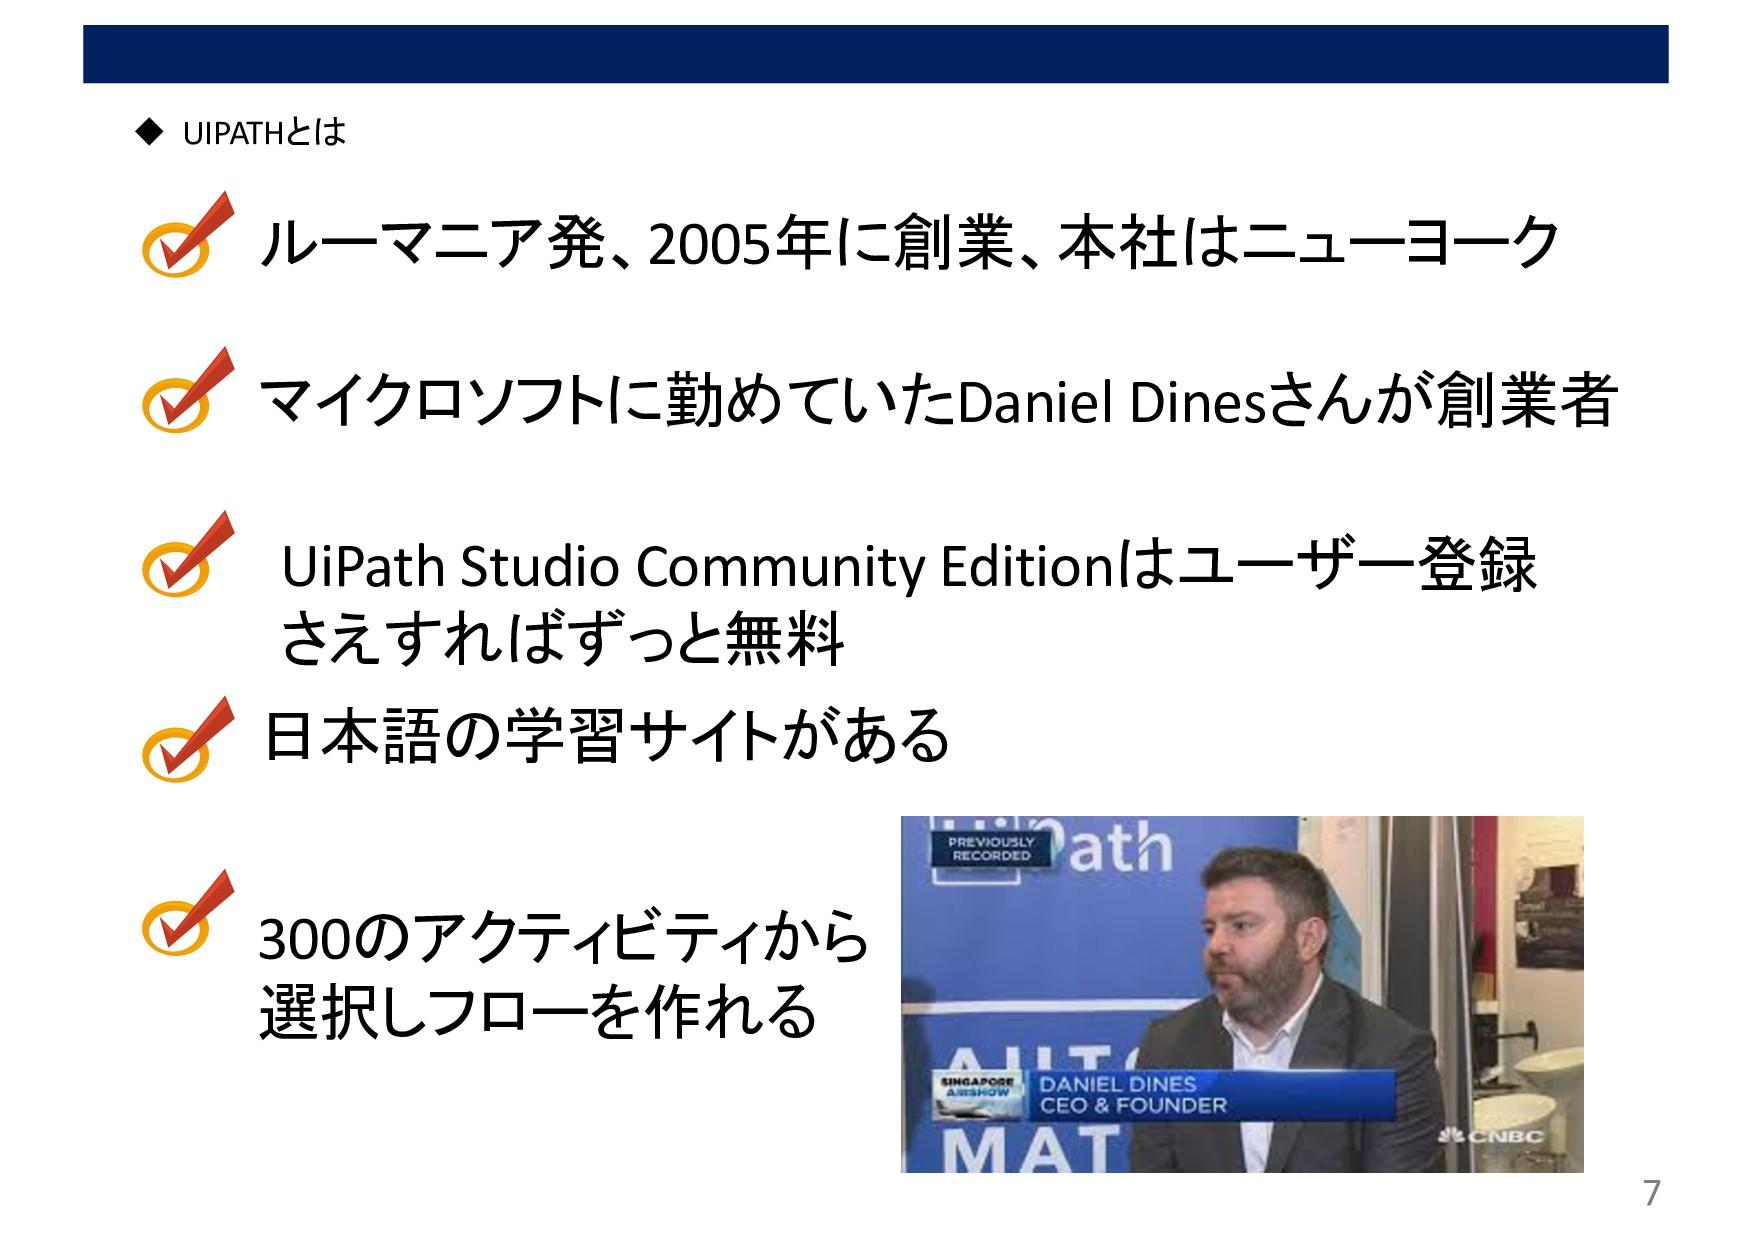 7 u UIPATHとは ルーマニア発、2005年に創業、本社はニューヨーク マイクロソフトに...